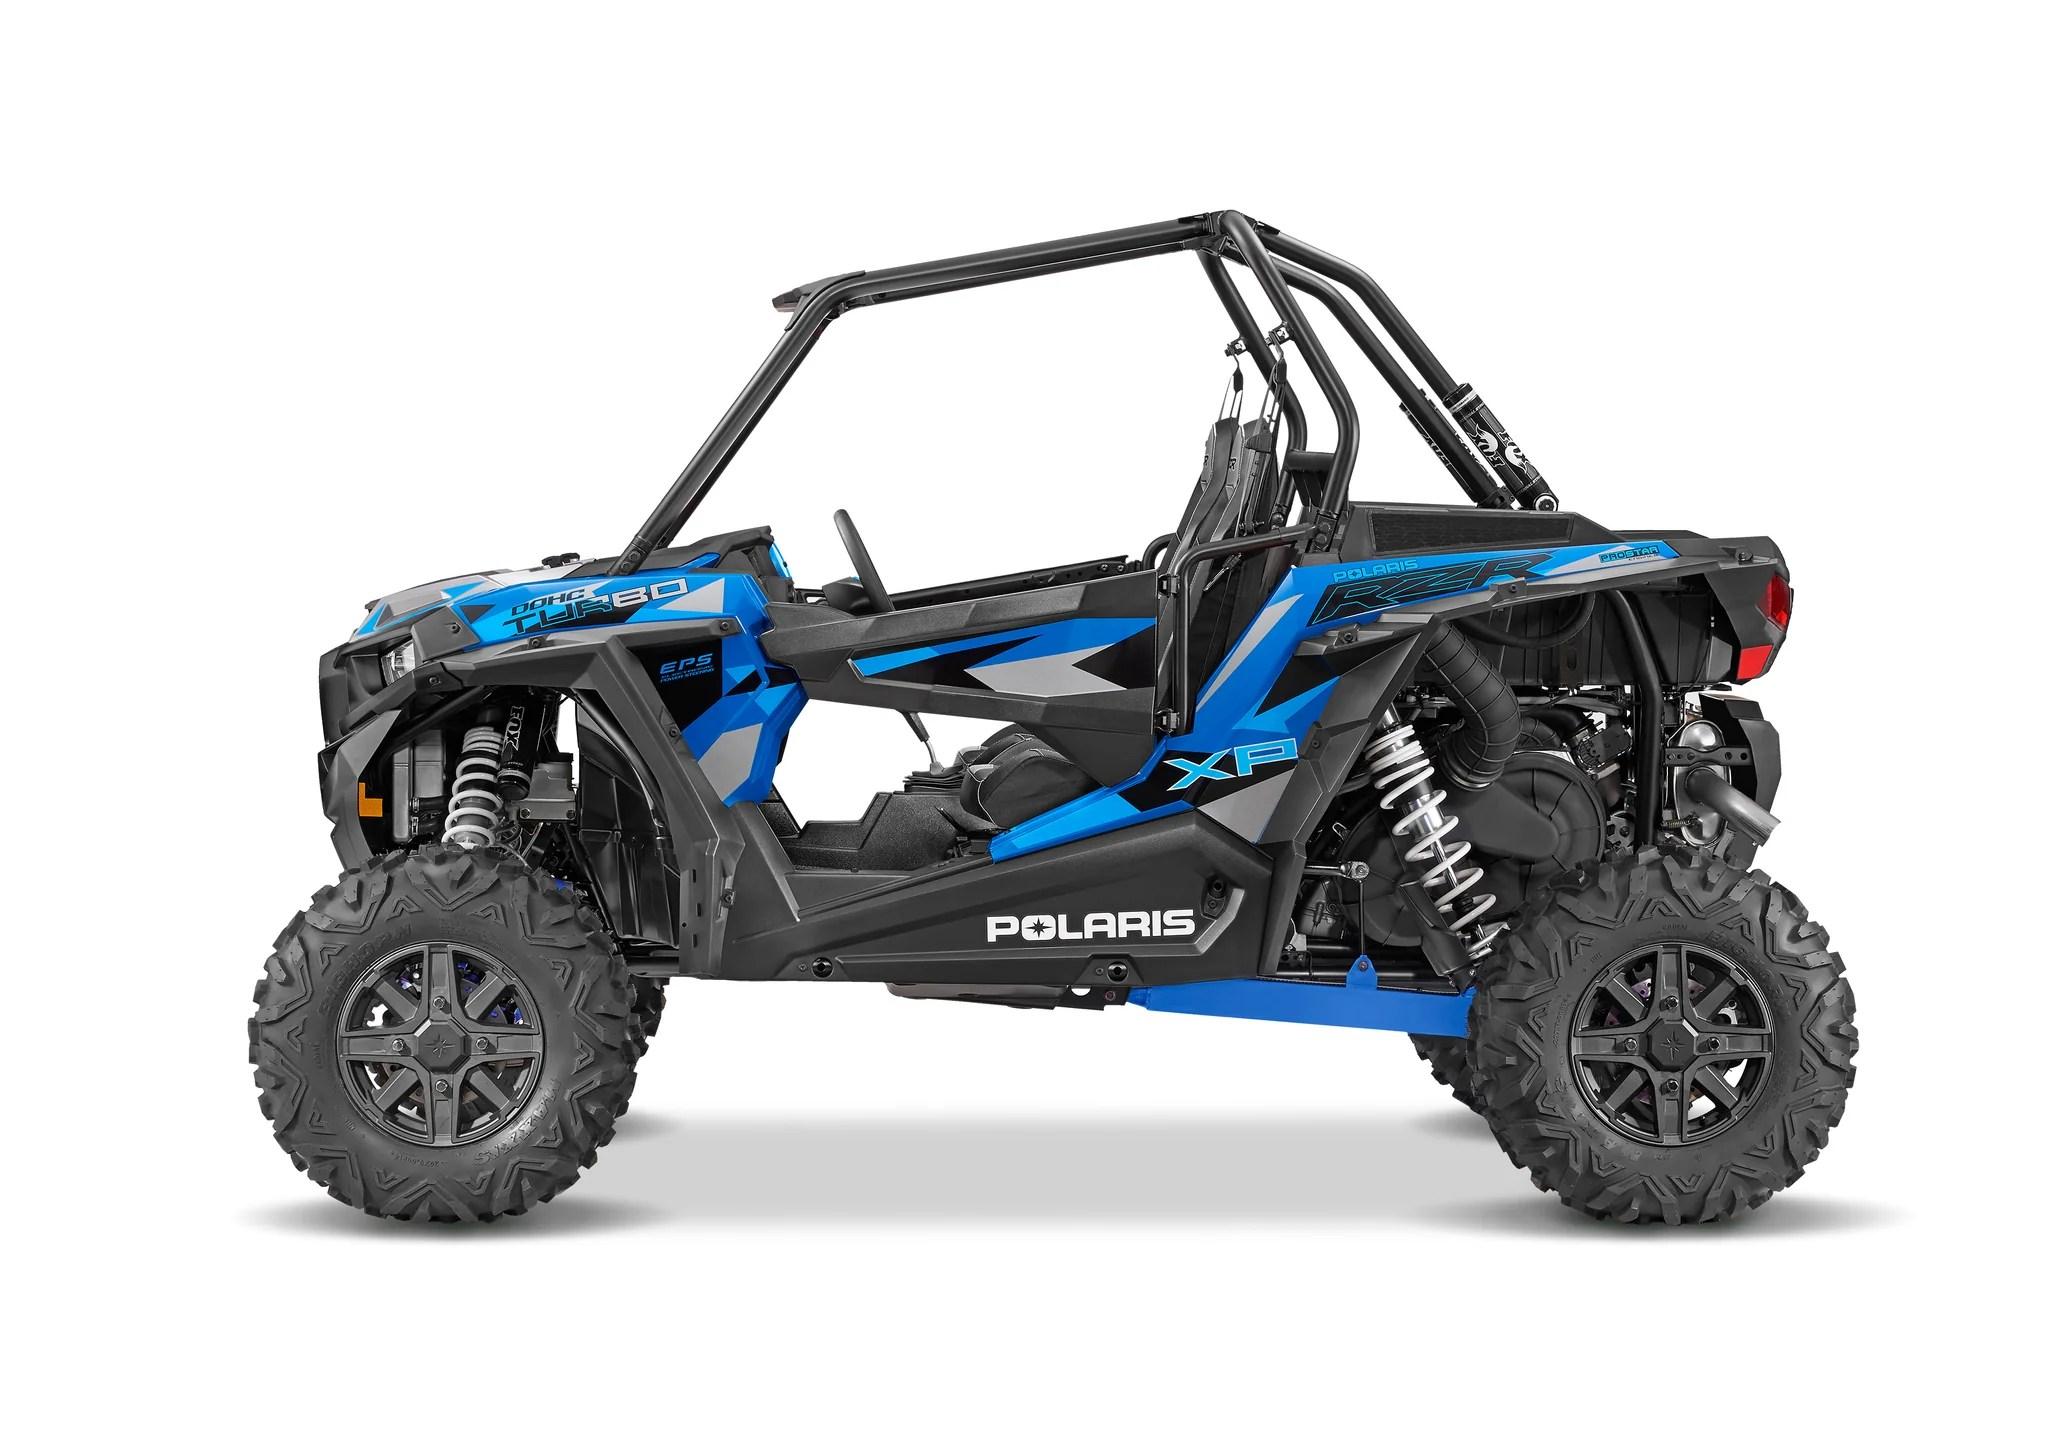 ryco street legal kit for polaris rzr turbo s turbo 1000 900 2015  [ 2048 x 1441 Pixel ]